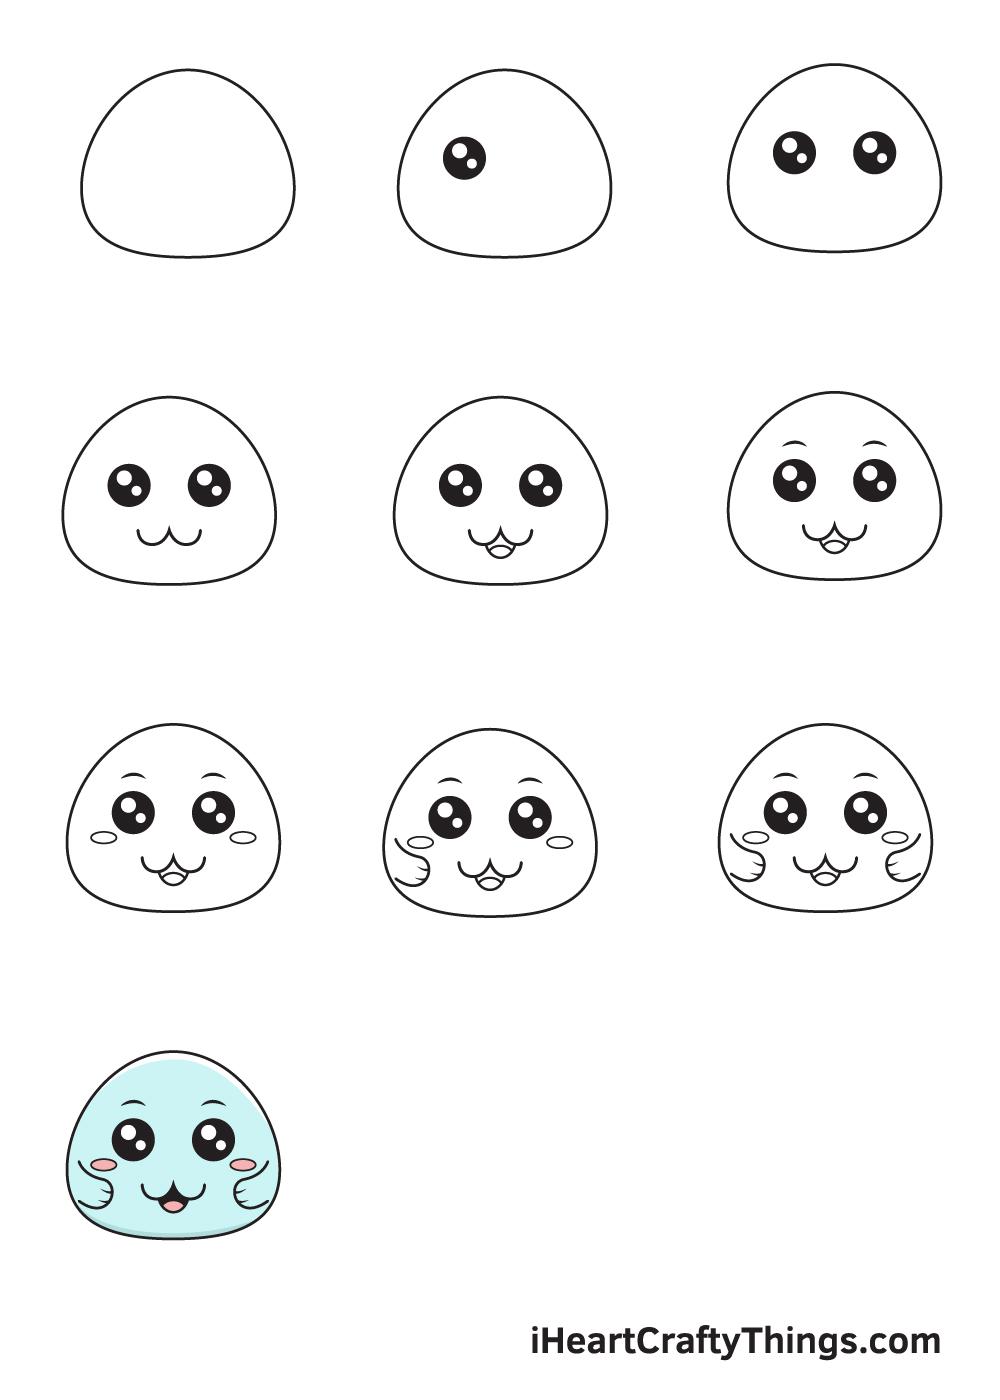 drawing cute in 9 easy steps